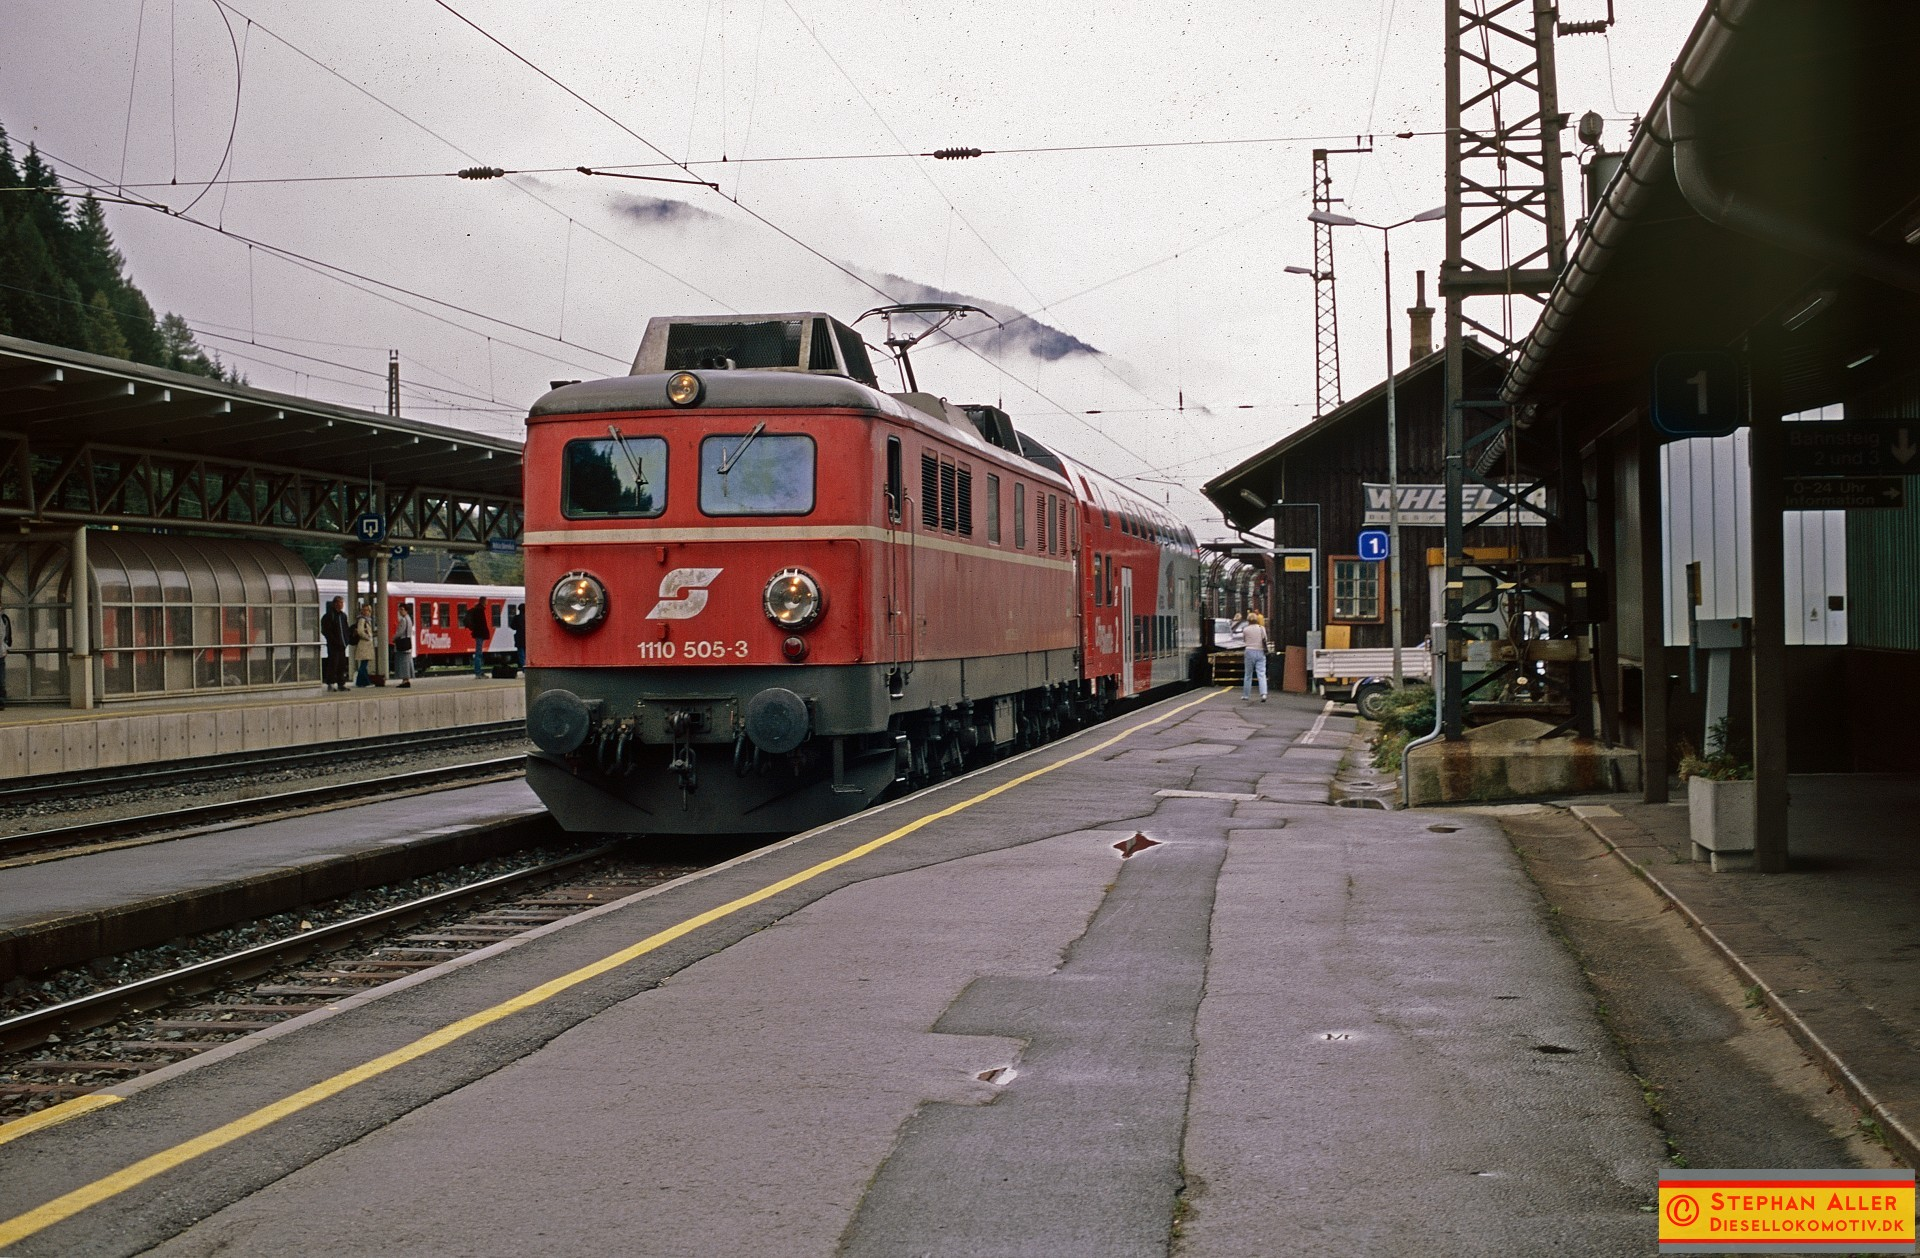 FP3817r